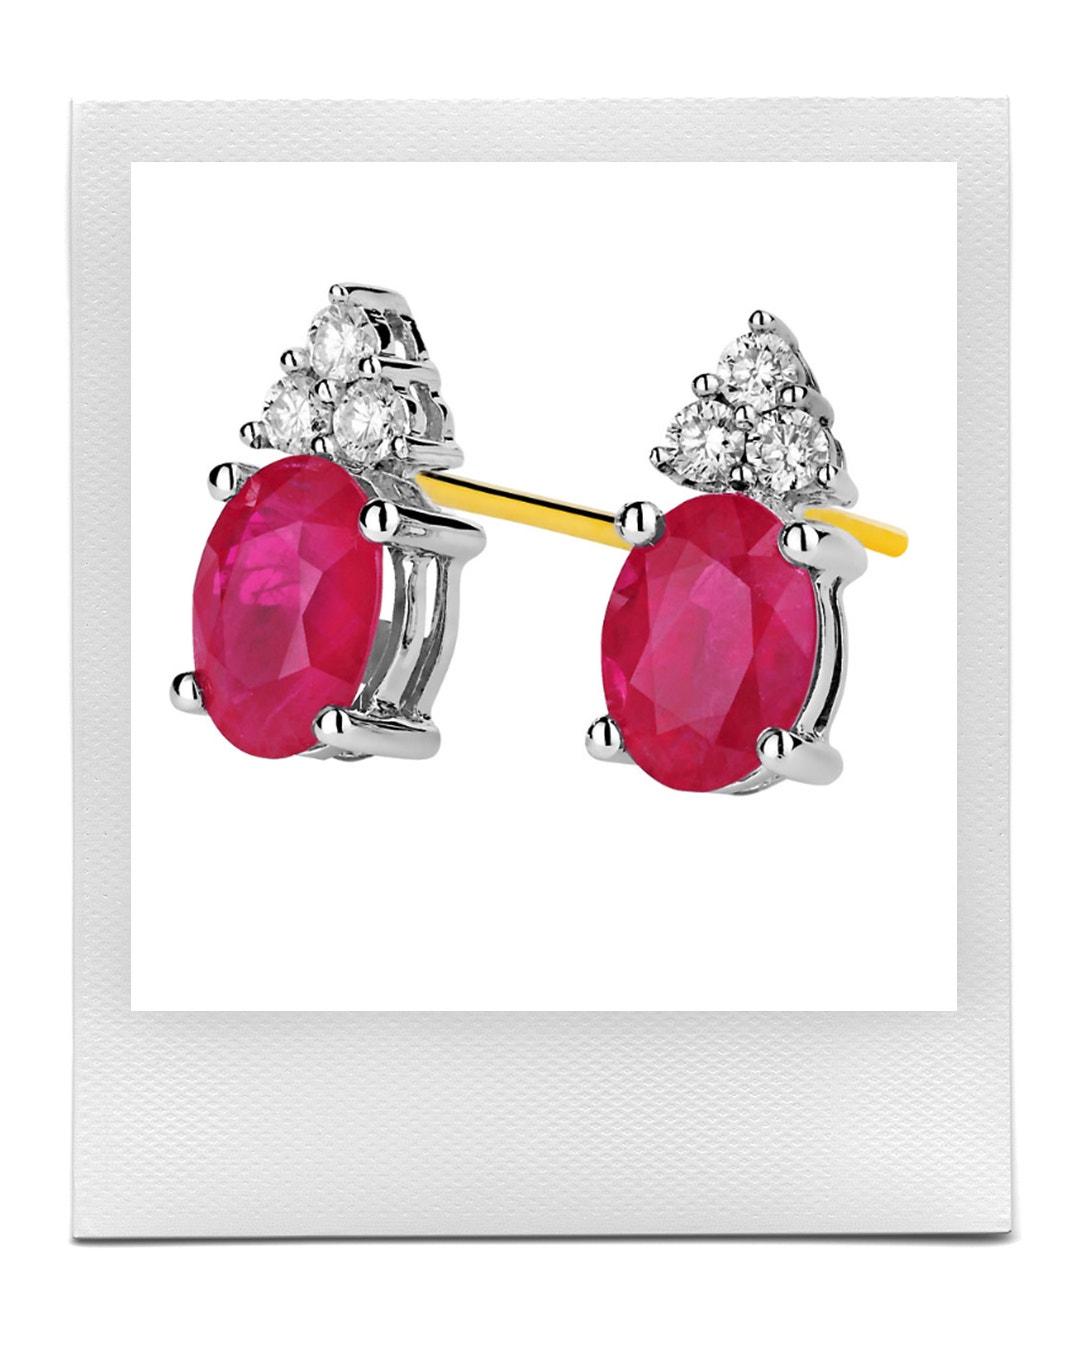 Náušnice ze zlata s diamanty a rubíny, Apart  prodává Apart, 57 069 Kč